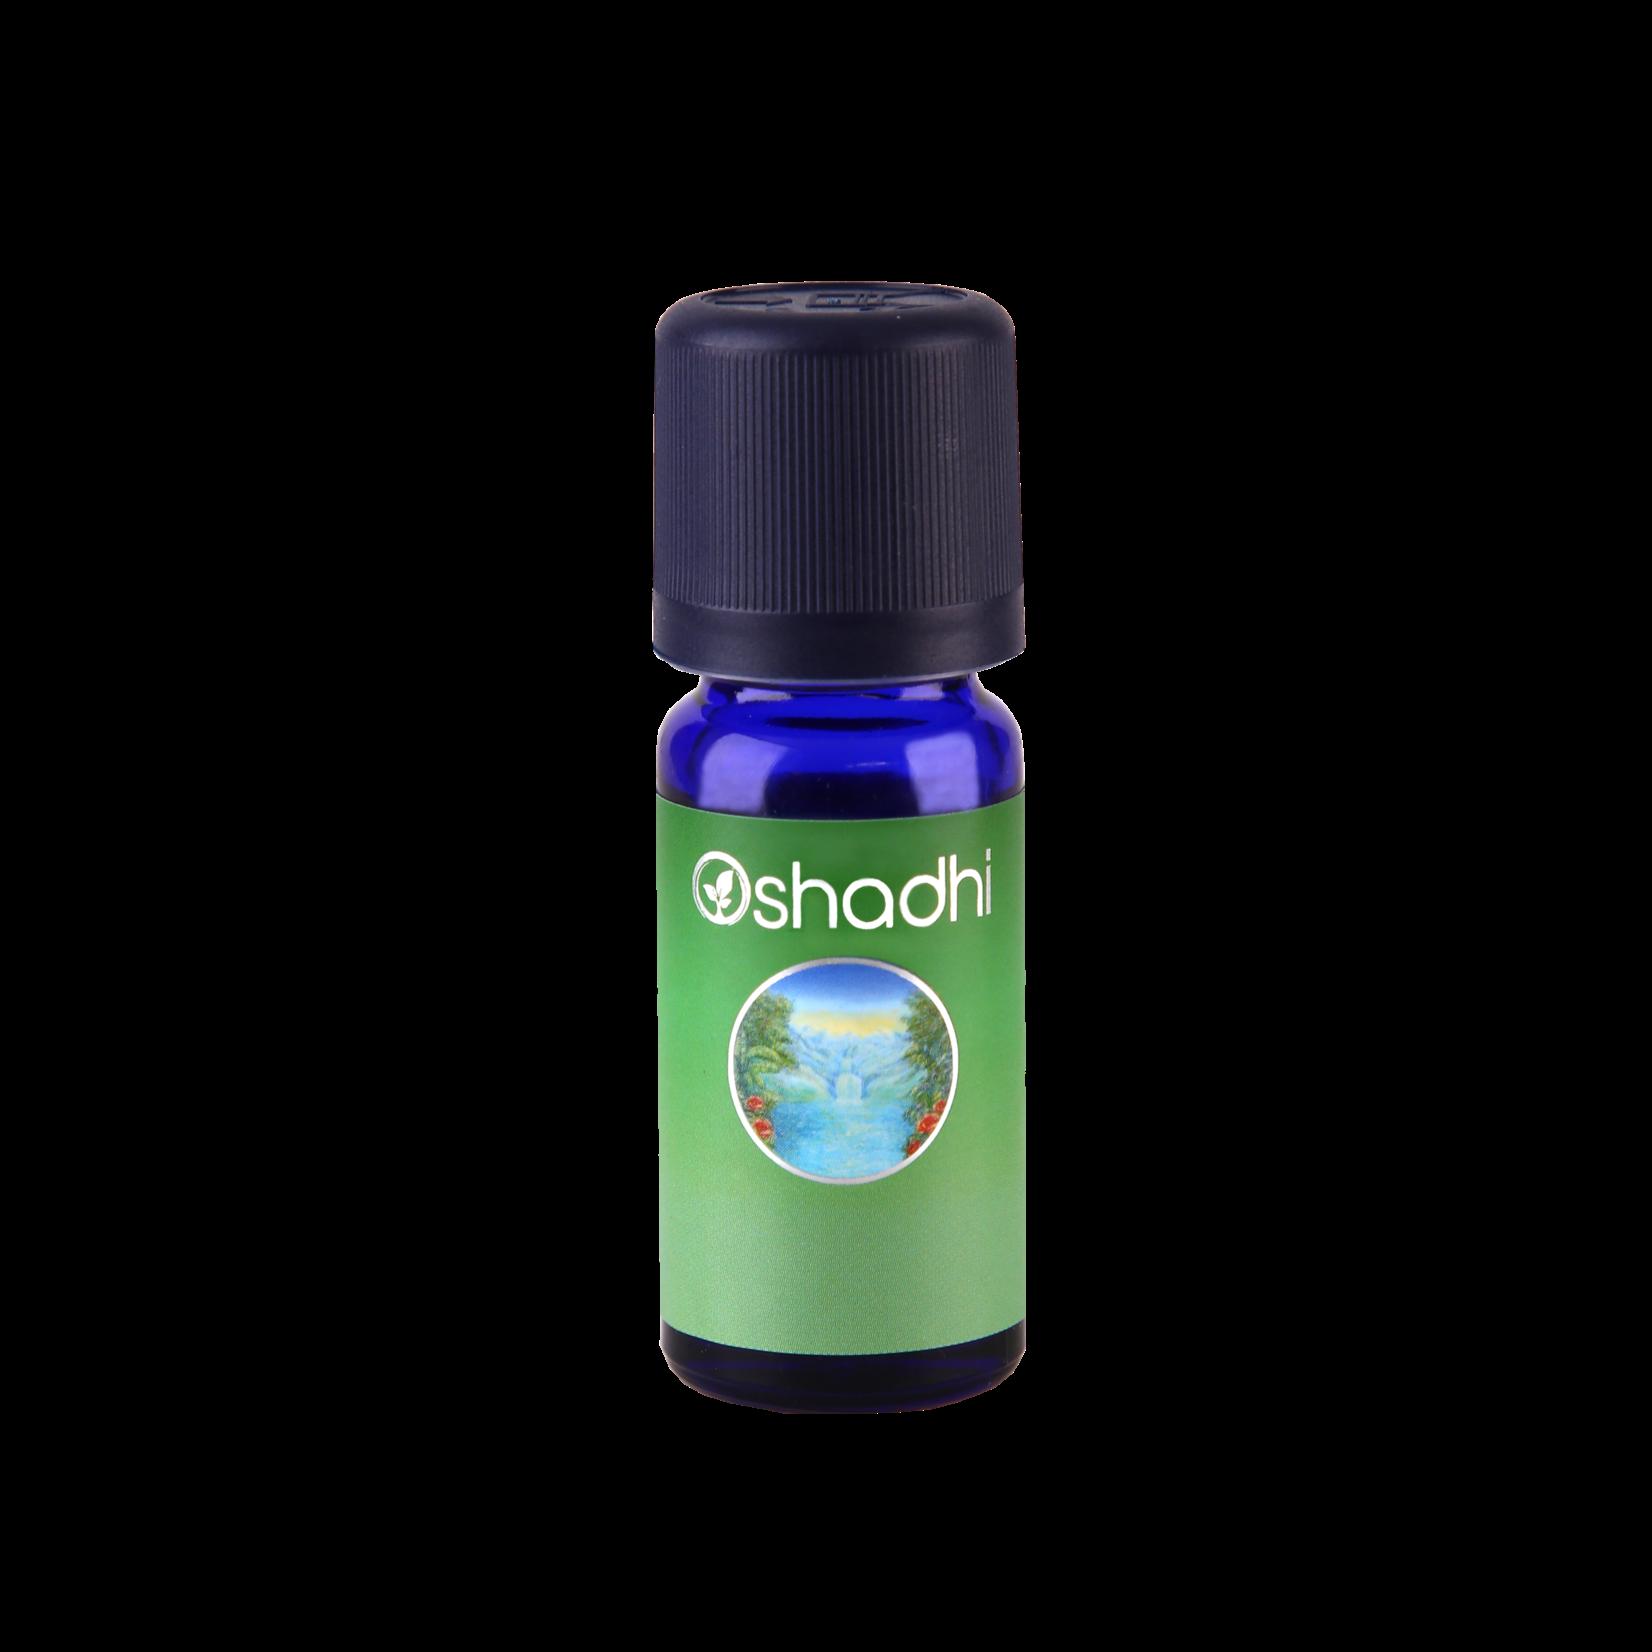 Oshadhi Synergie Sauna Oshadhi - herbronnen - 10ml